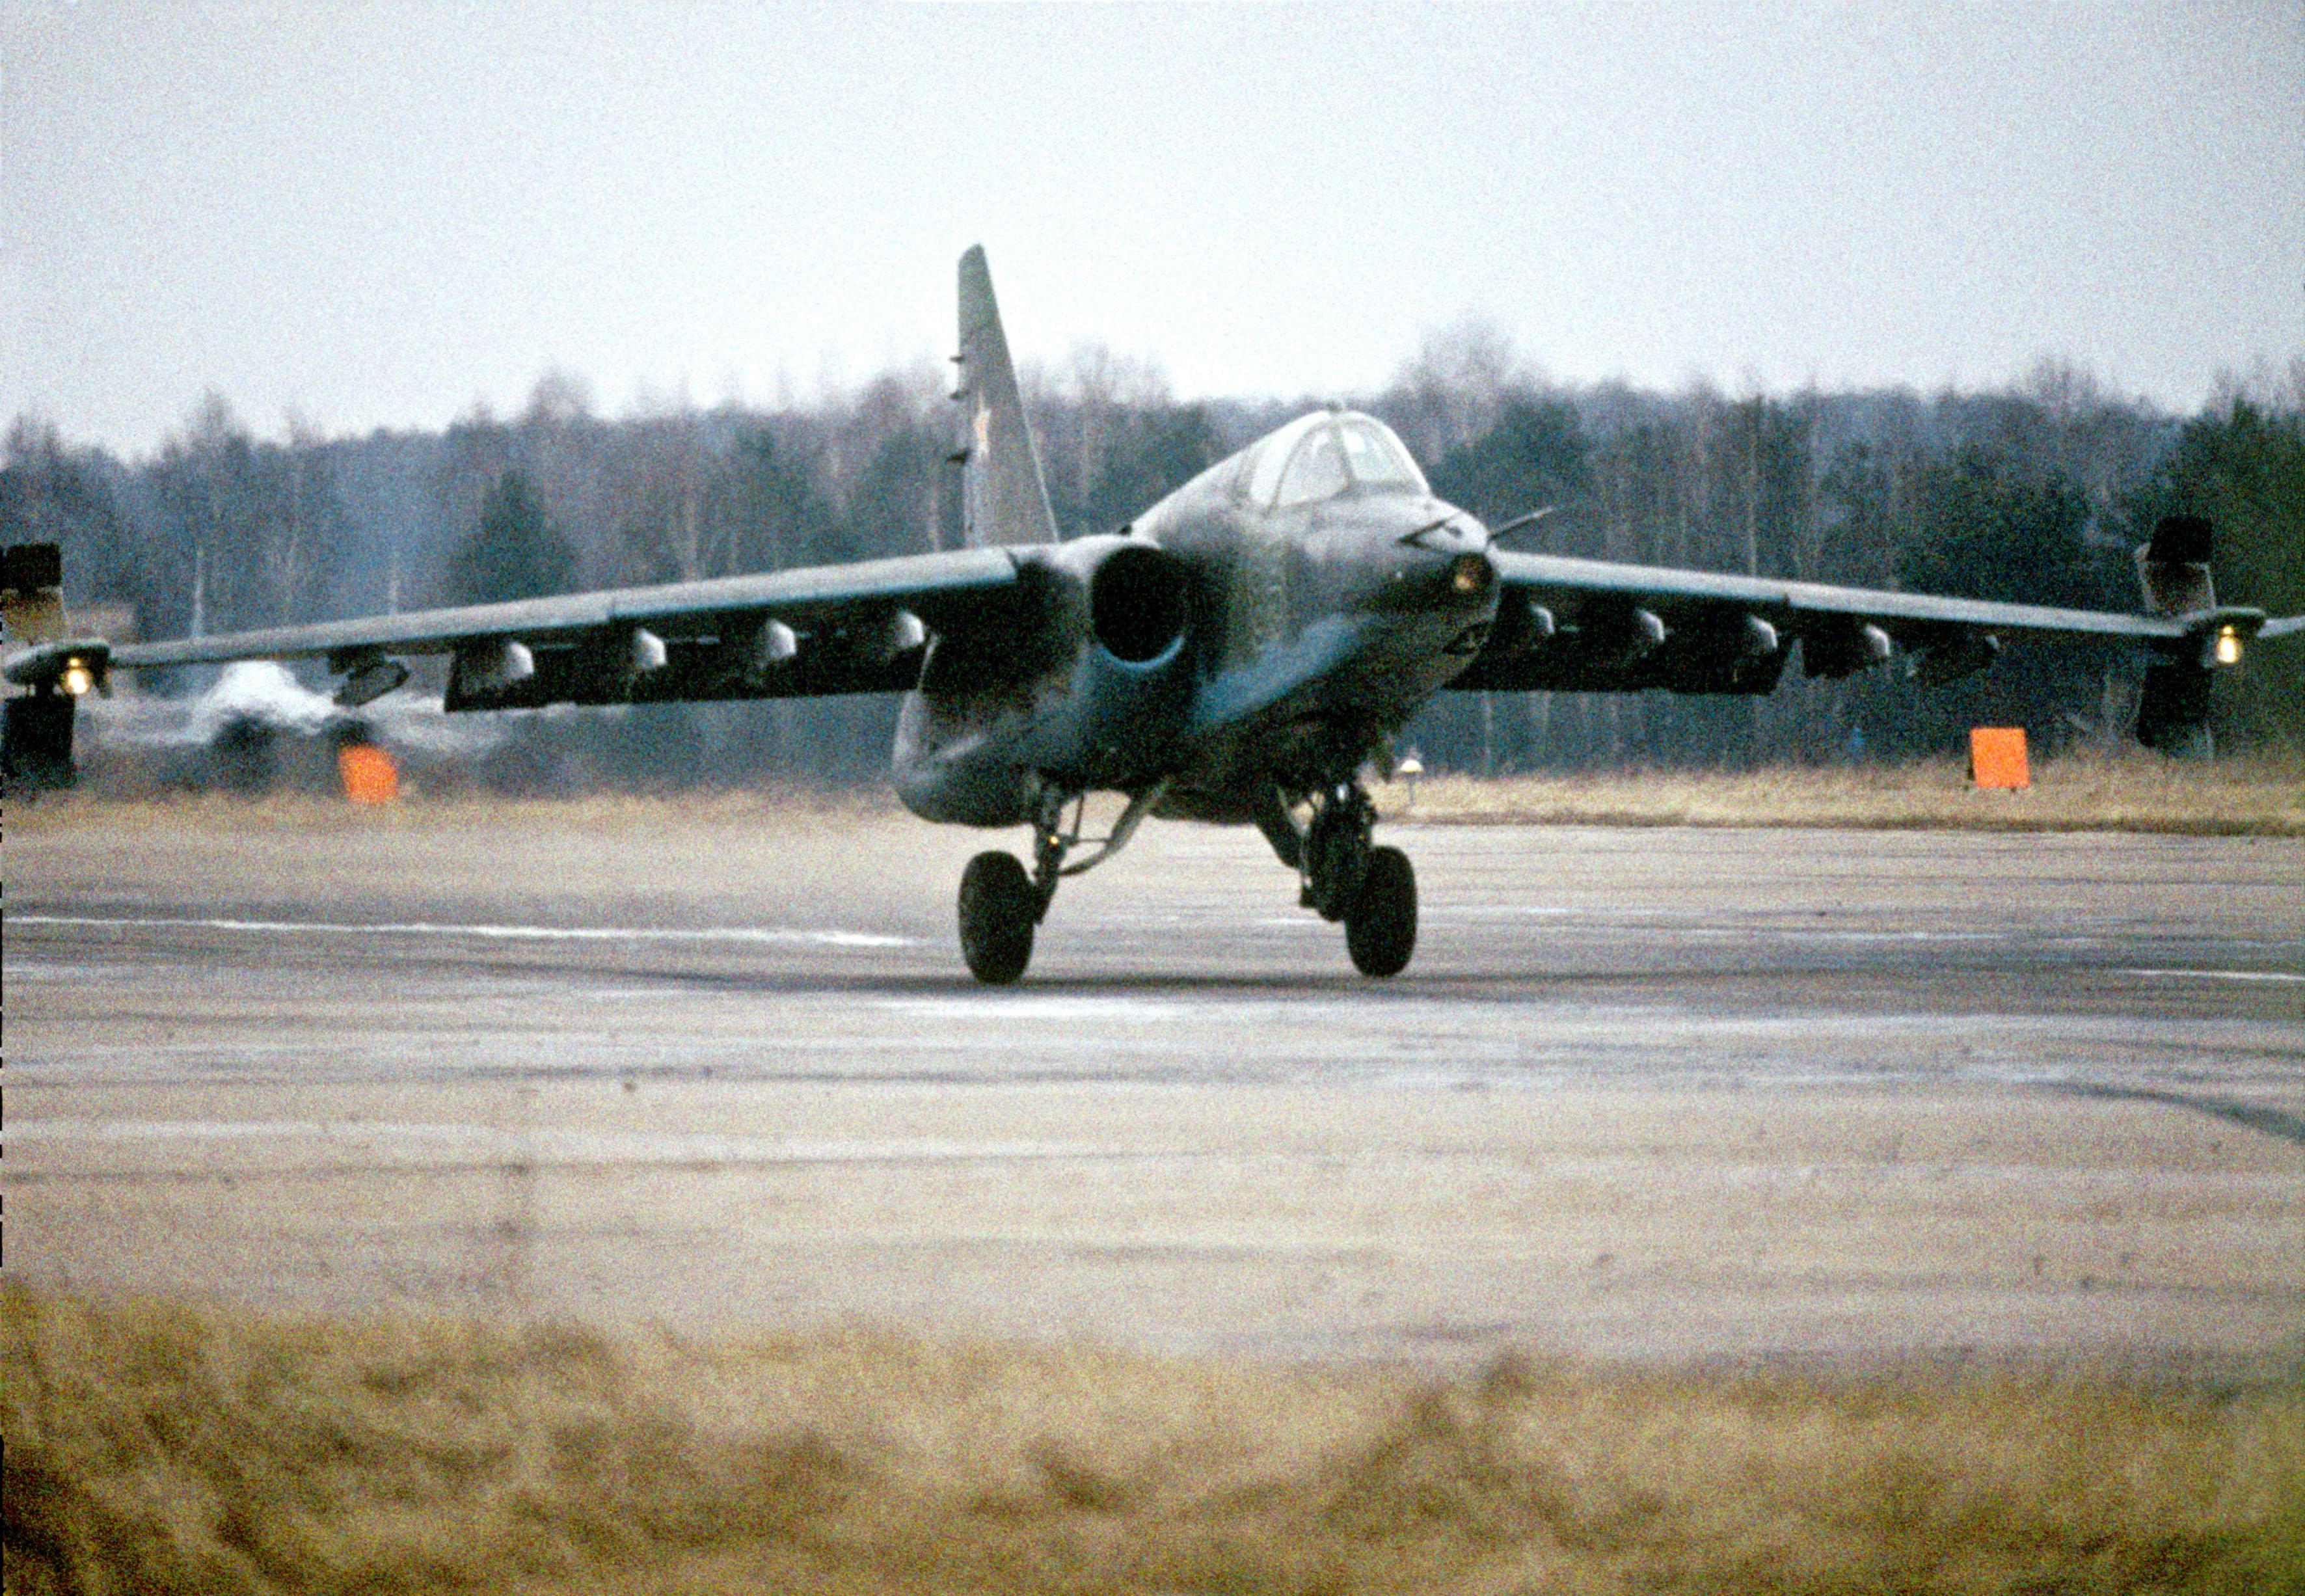 Su-25 é chamado de 'Gralha' (Grach)